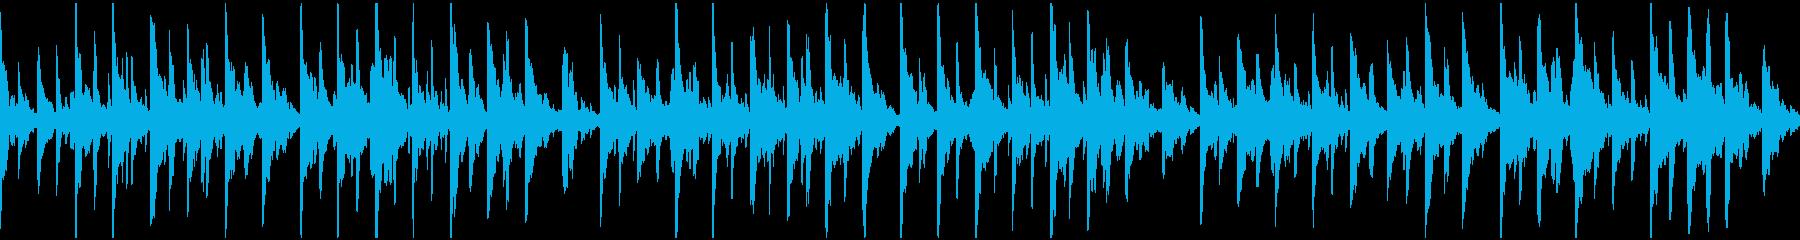 メルヘン・ほのぼの・神秘的の再生済みの波形